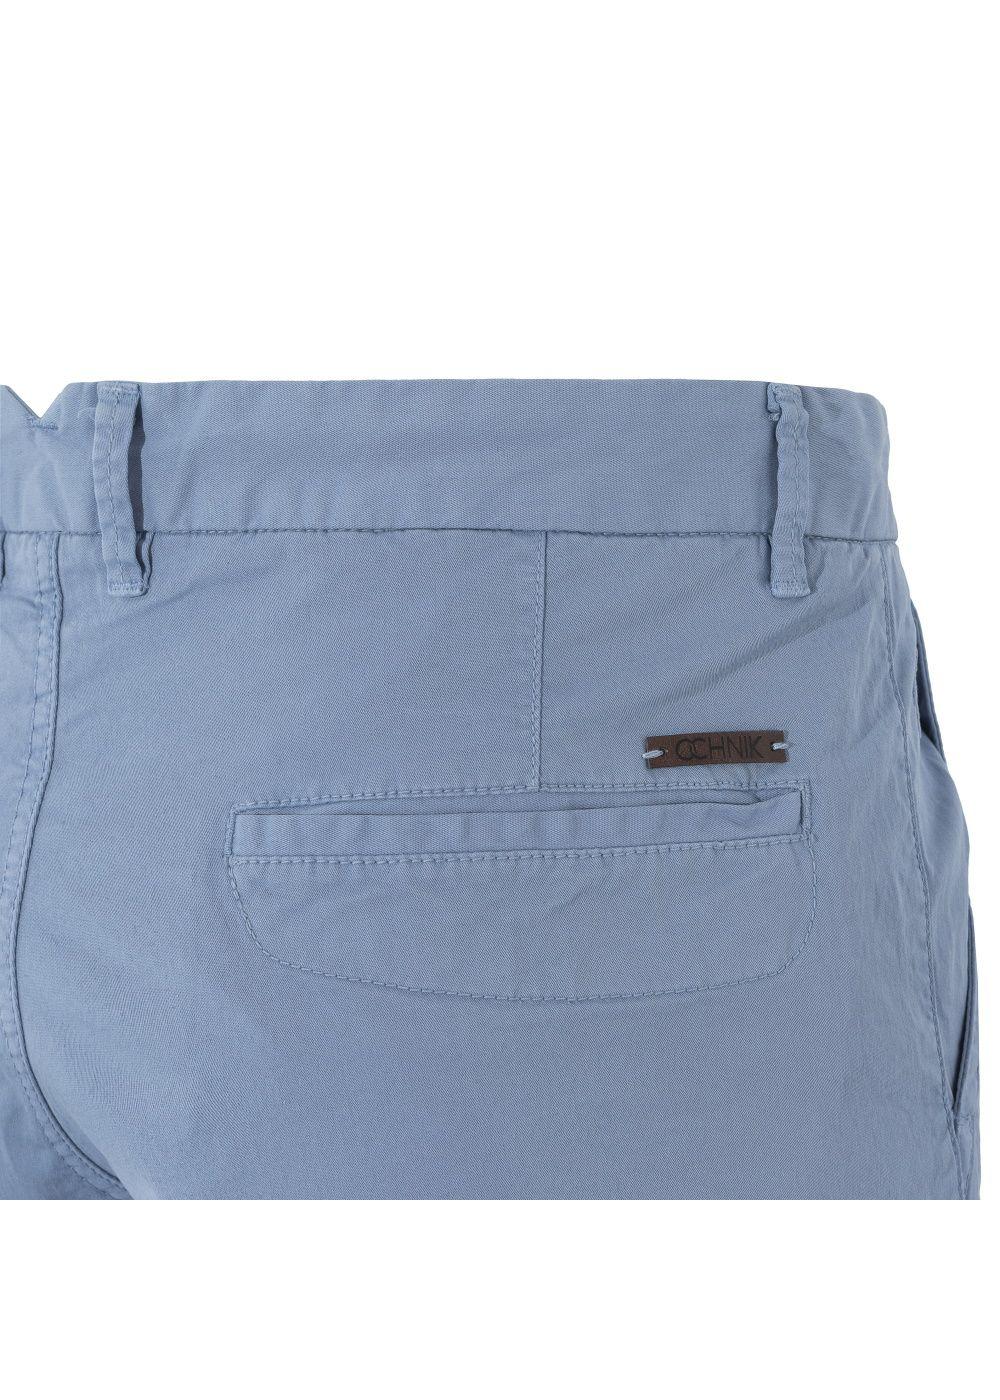 Spodnie męskie SPOMT-0053-61(W20)